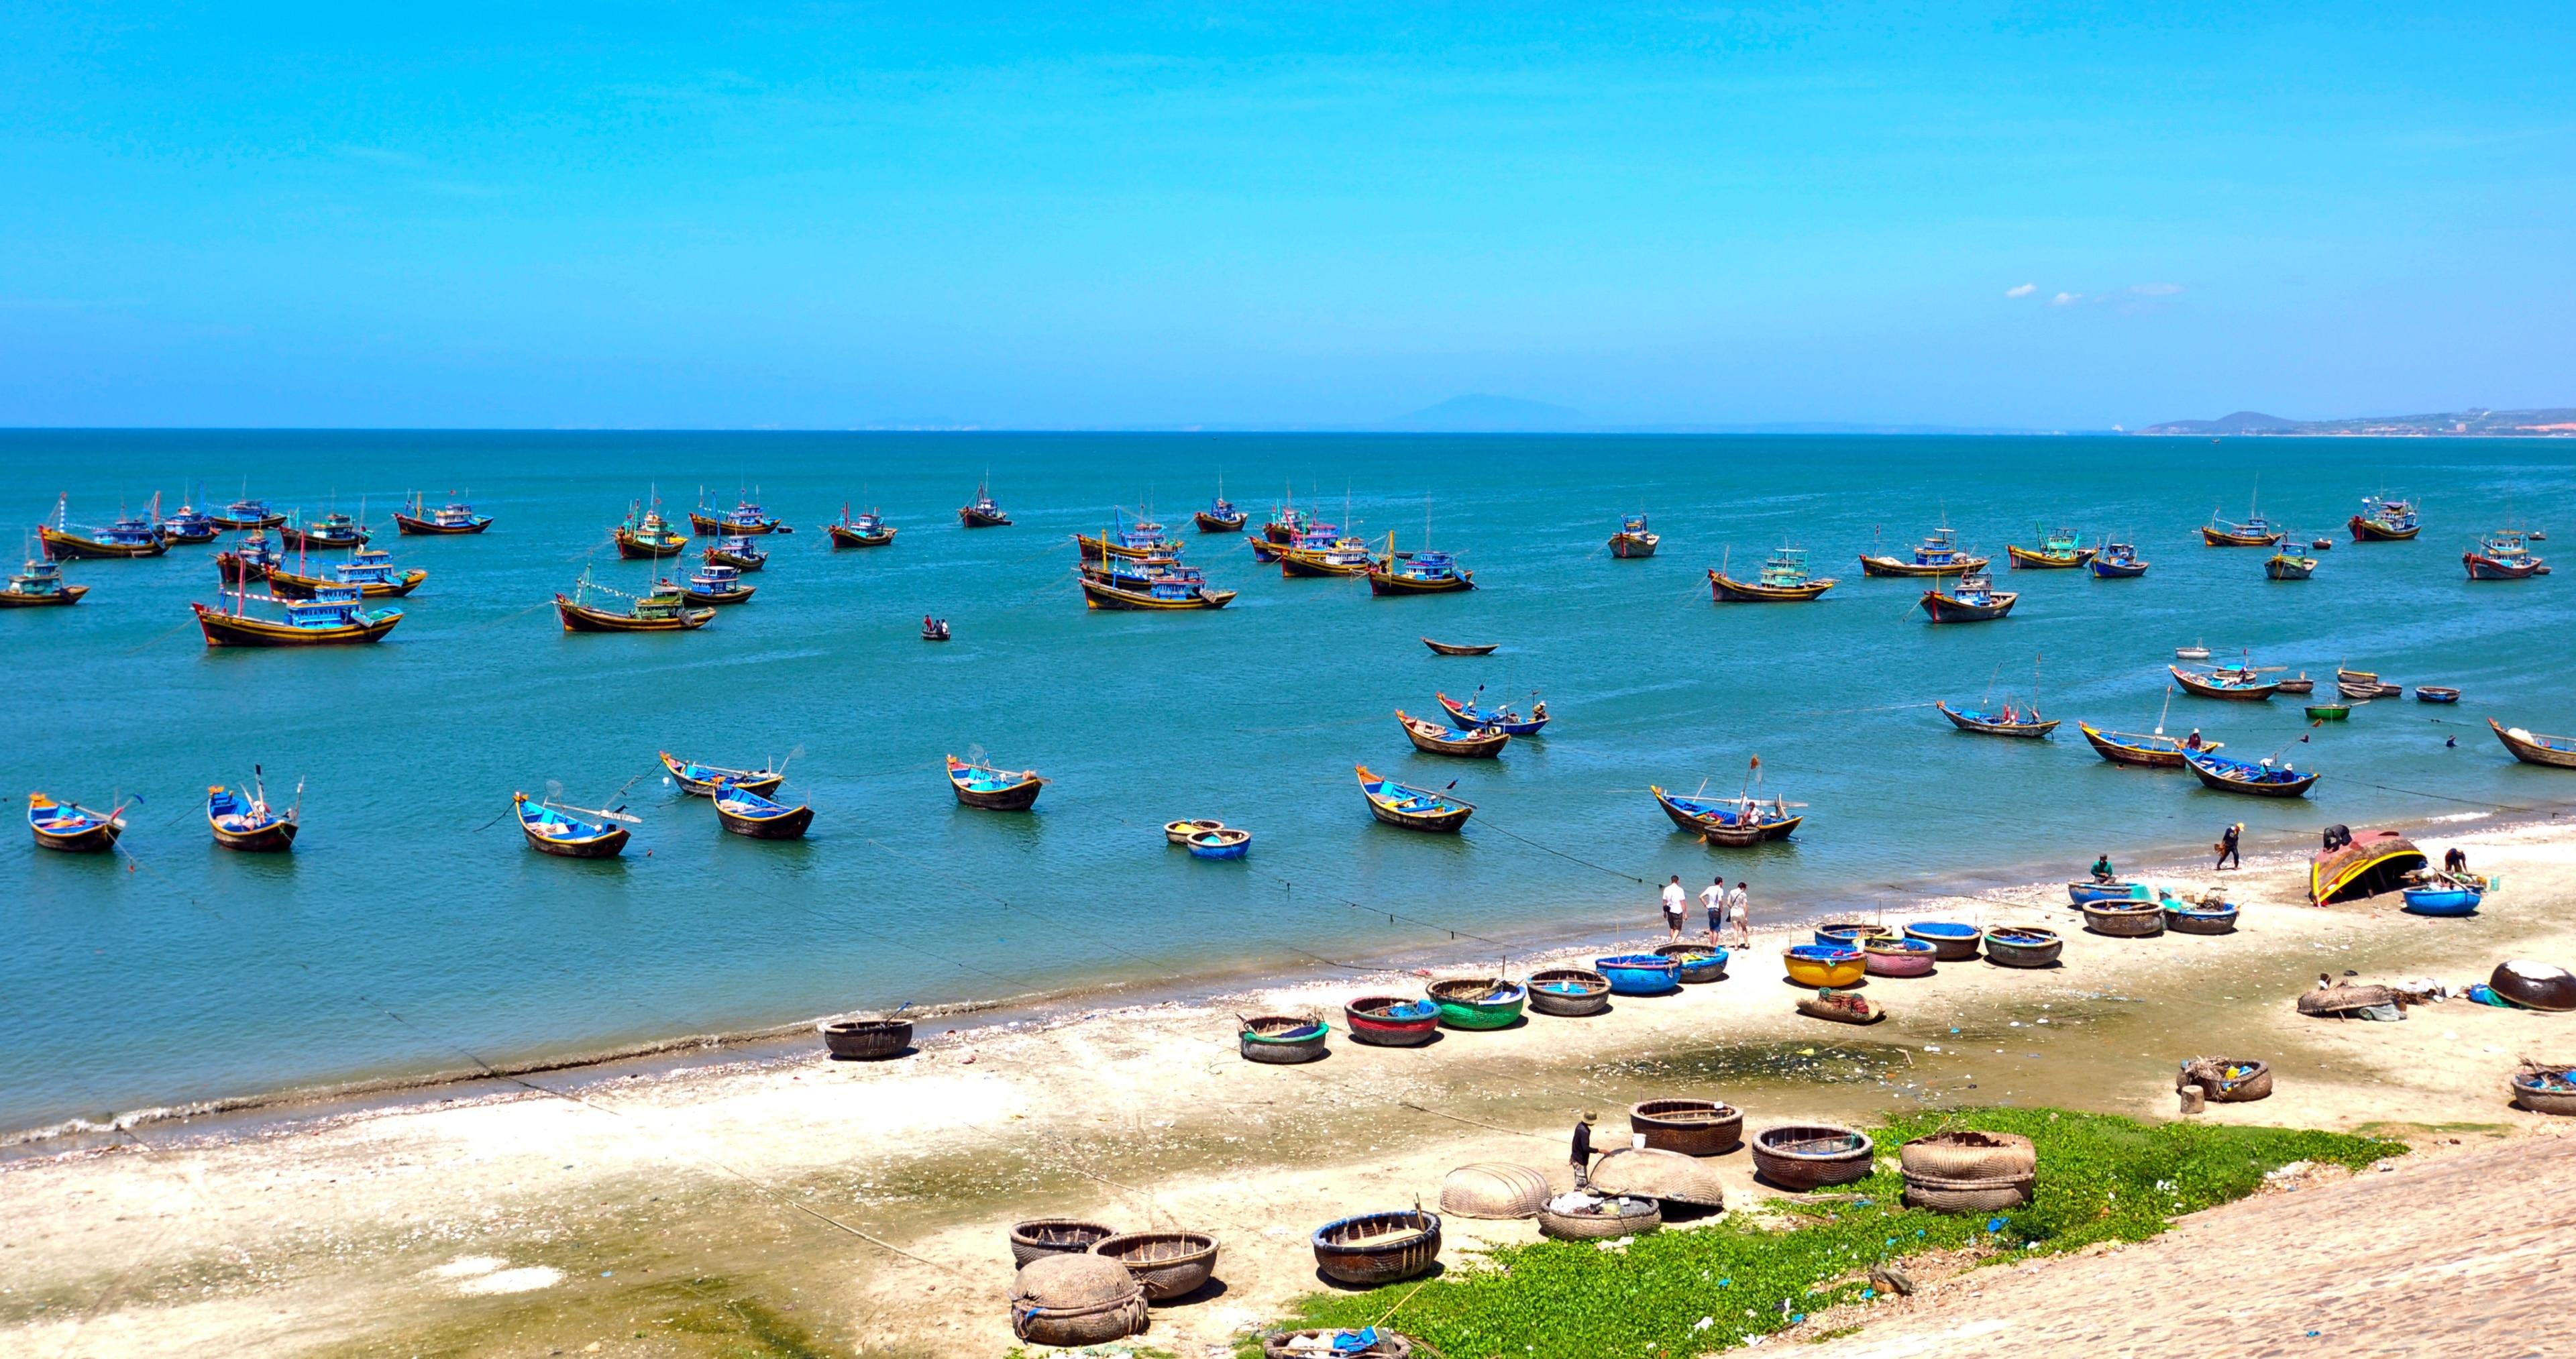 Ninh Binh Province, Vietnam